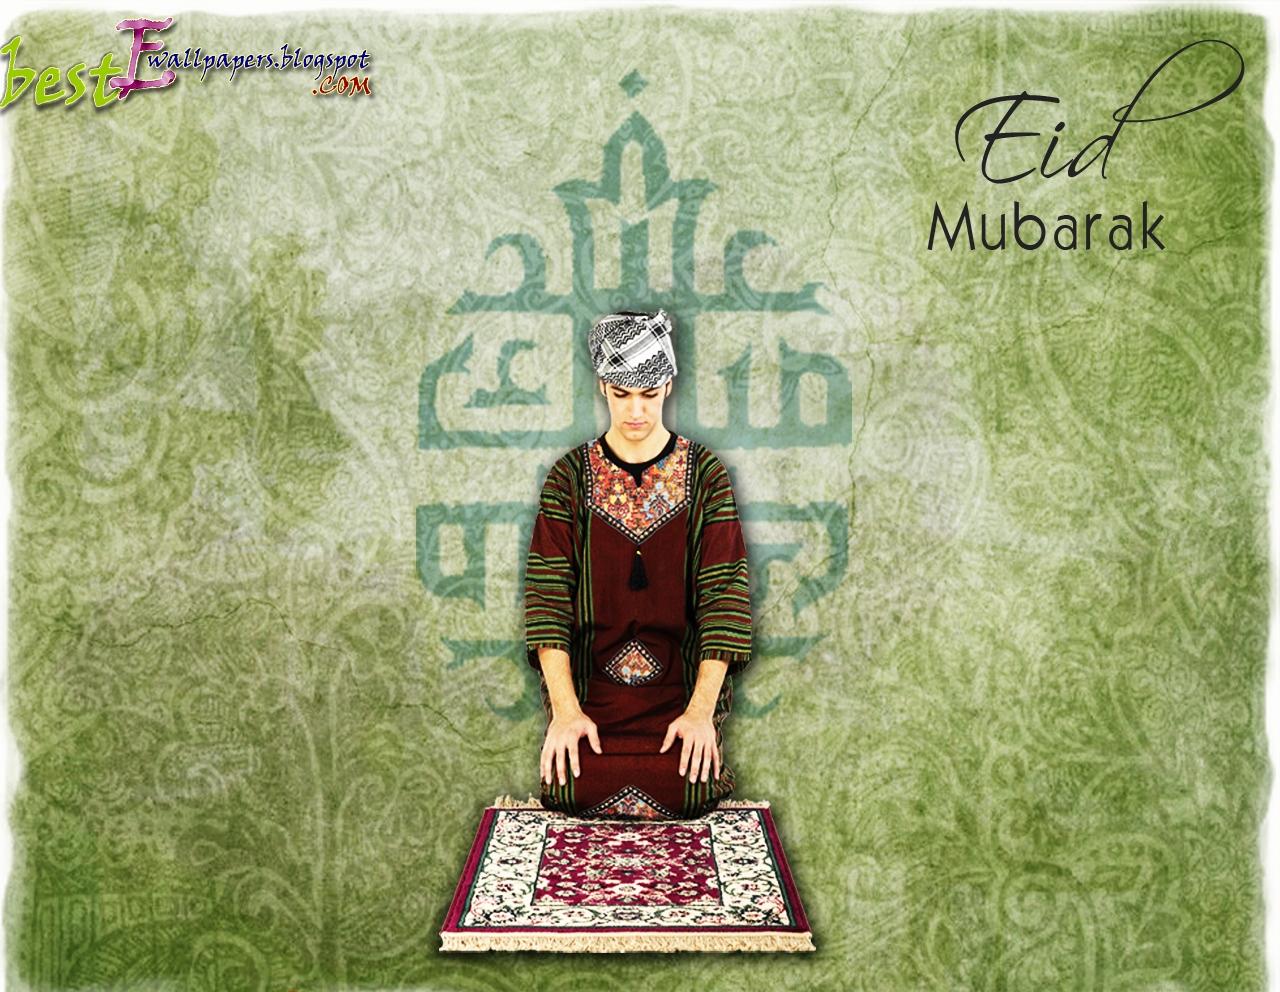 http://3.bp.blogspot.com/-0N0lK22Fq3M/TrVxM5d4JwI/AAAAAAAAAtM/tMLVWtEyxMI/s1600/Eid+bubarak_Ranotosh_1280-1024.jpg